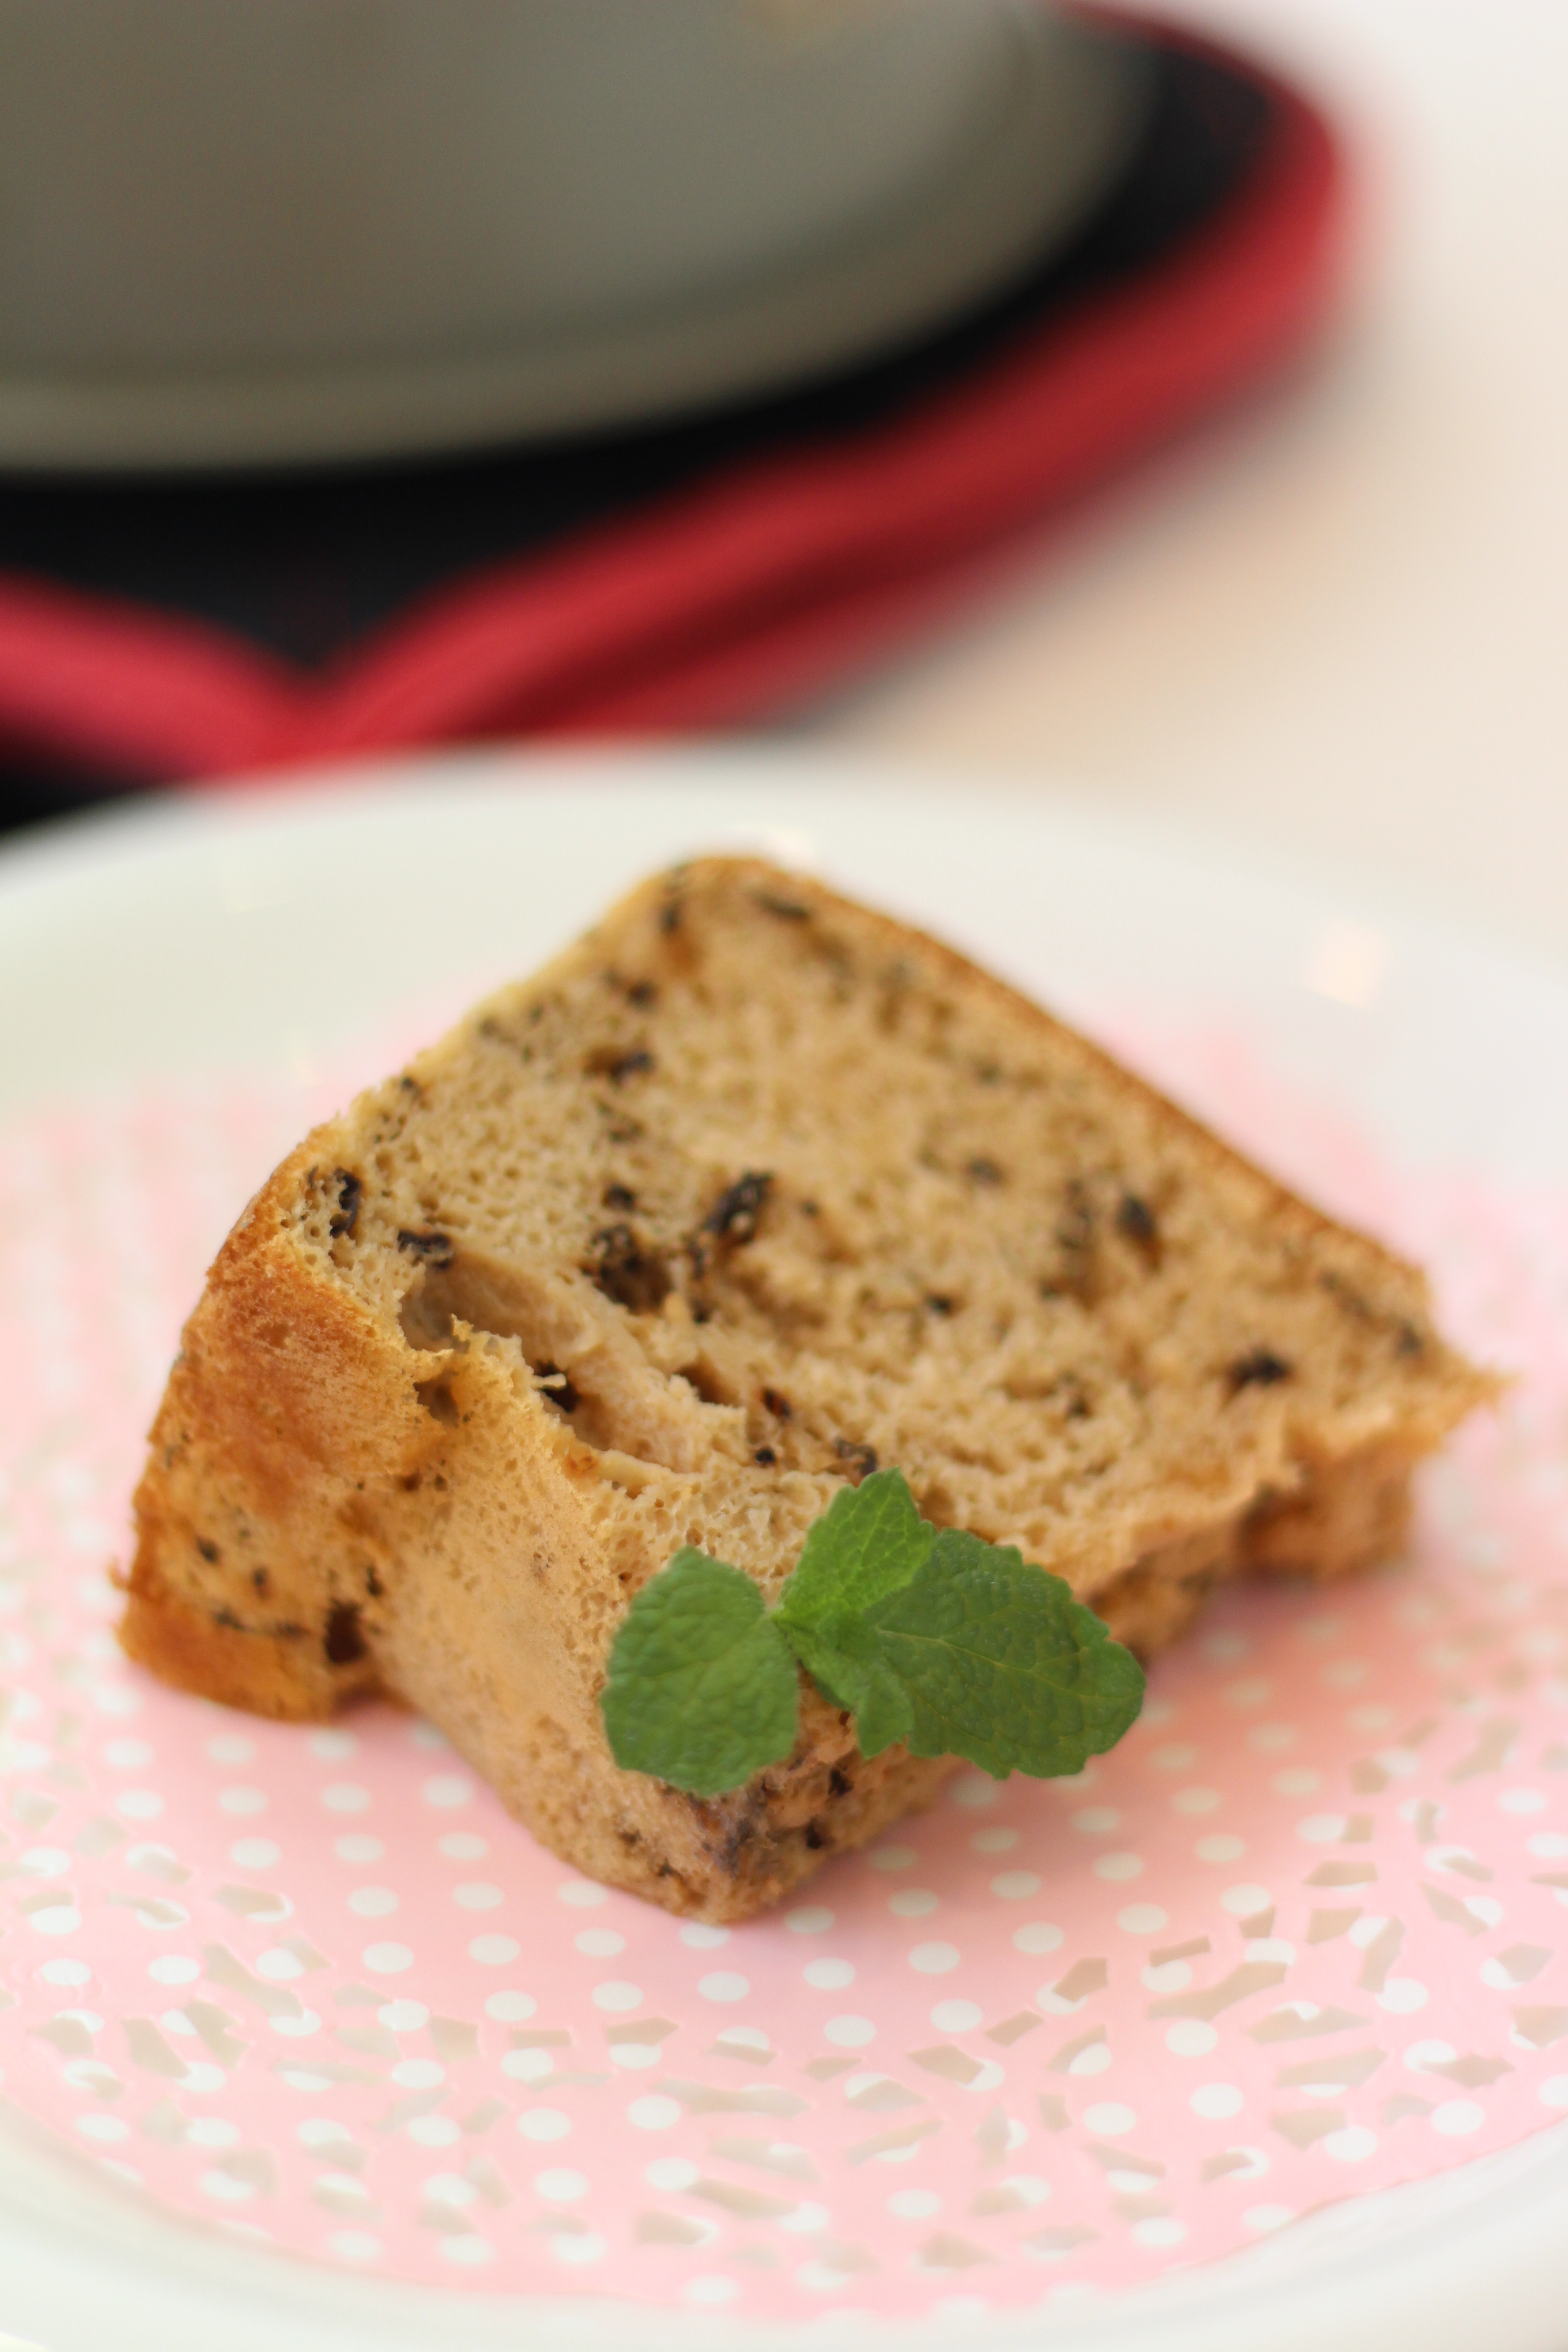 阿倍野区西田辺a-ta-sante糖質制限パン料理教室。京都江部粉糖質制限ピザ&シフォンケーキinミーレ、4回目の開催大盛況で終えました。